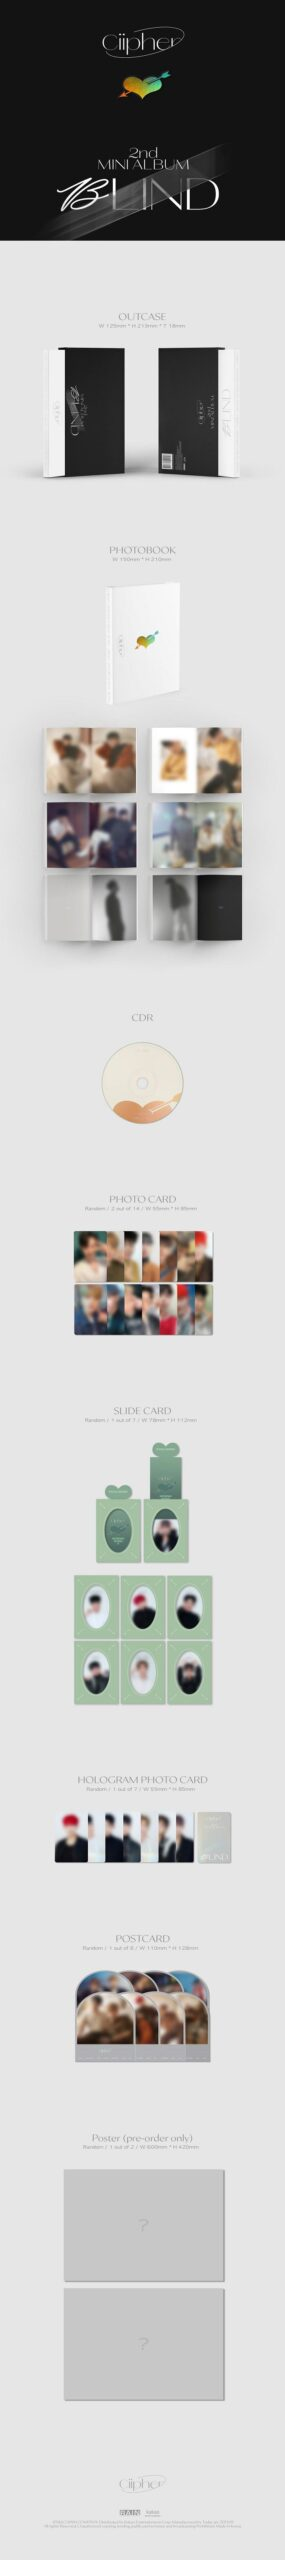 2nd Mini Album Ciipher BLIND 1.1